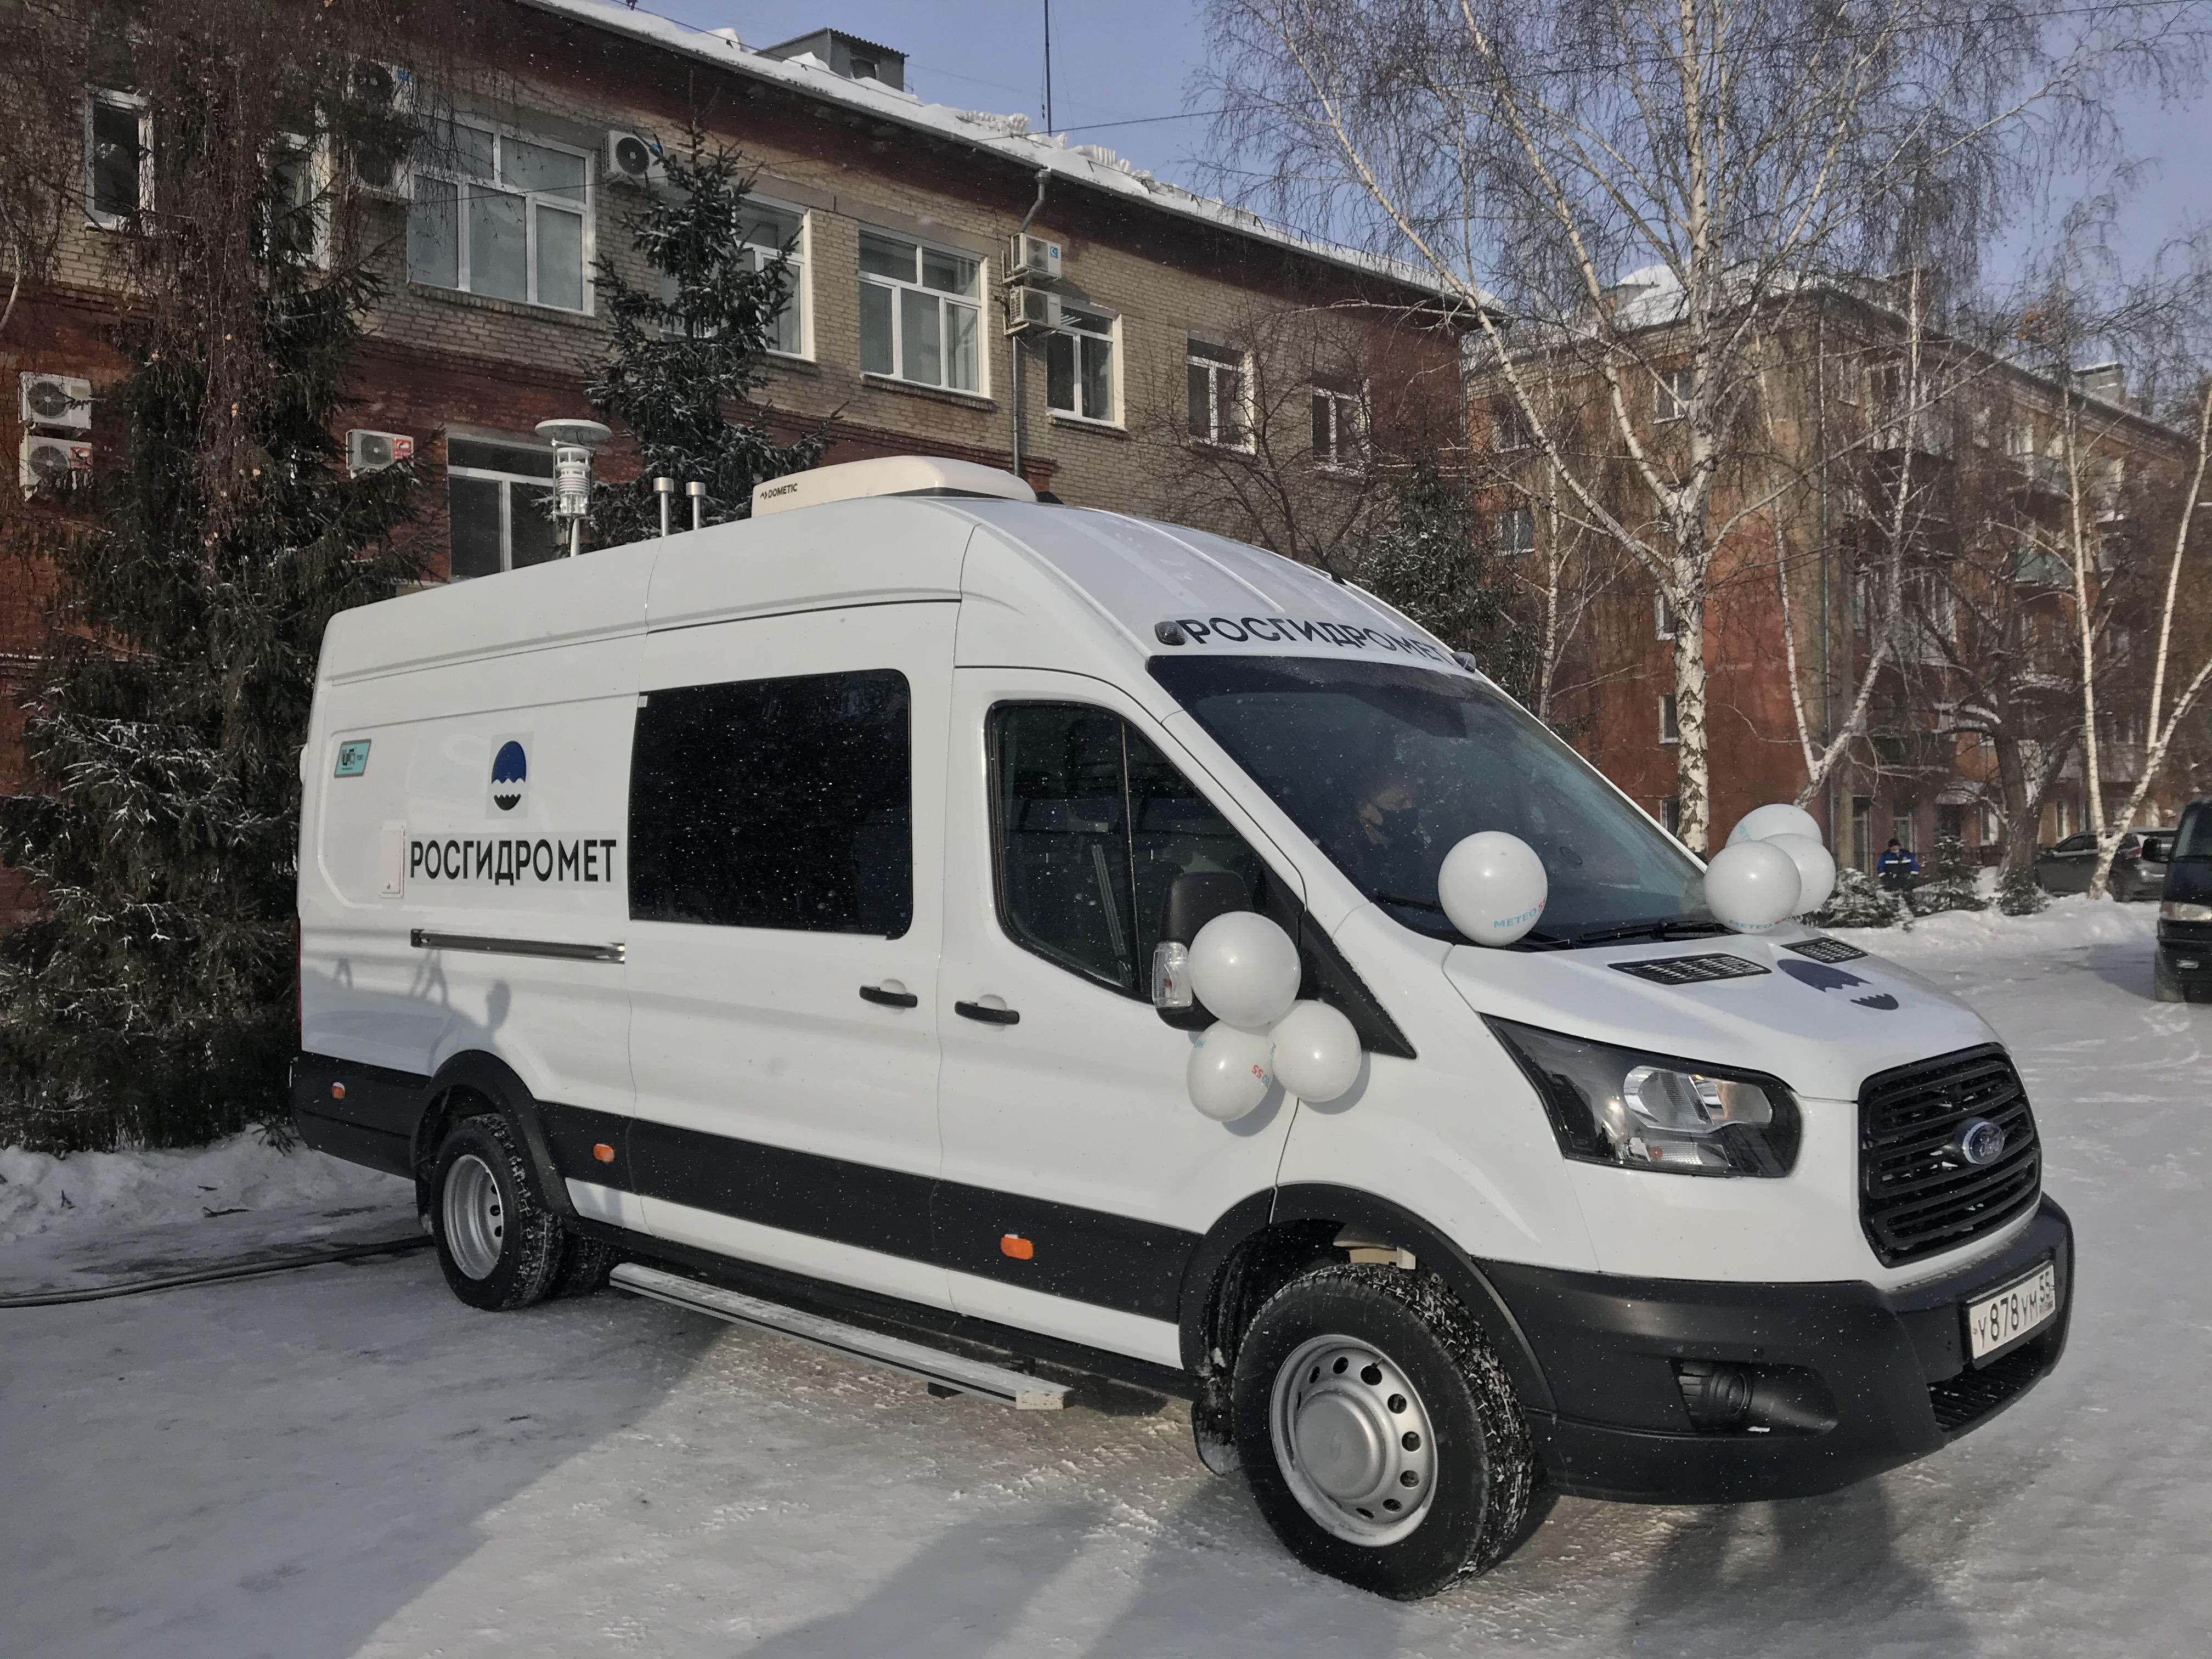 В Омск привезли еще одну передвижную эколабораторию #Новости #Общество #Омск